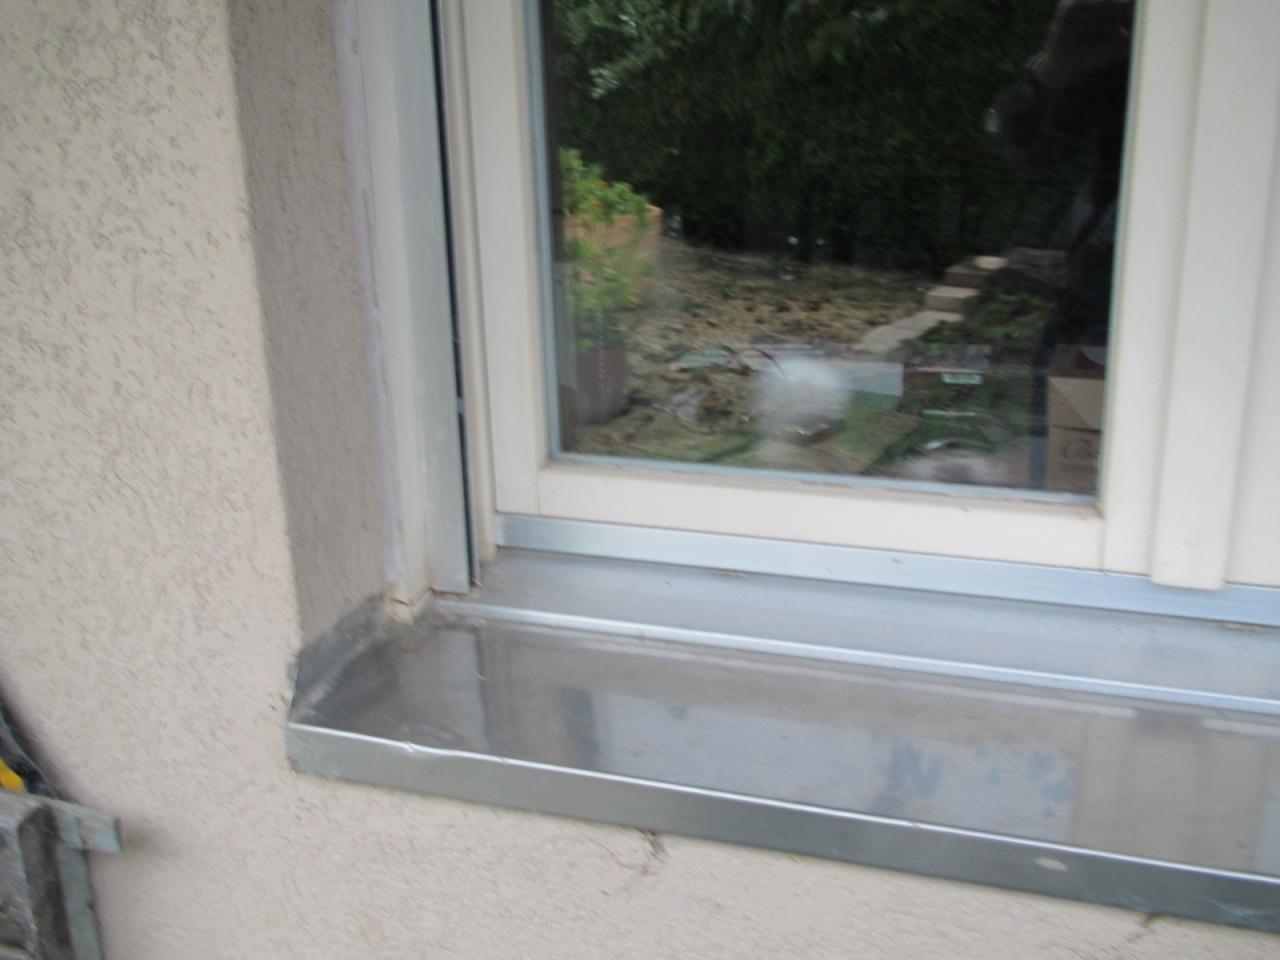 Super Fensterbänke entfernen für den Einbau neuer Fenster - Bauanleitung LA62